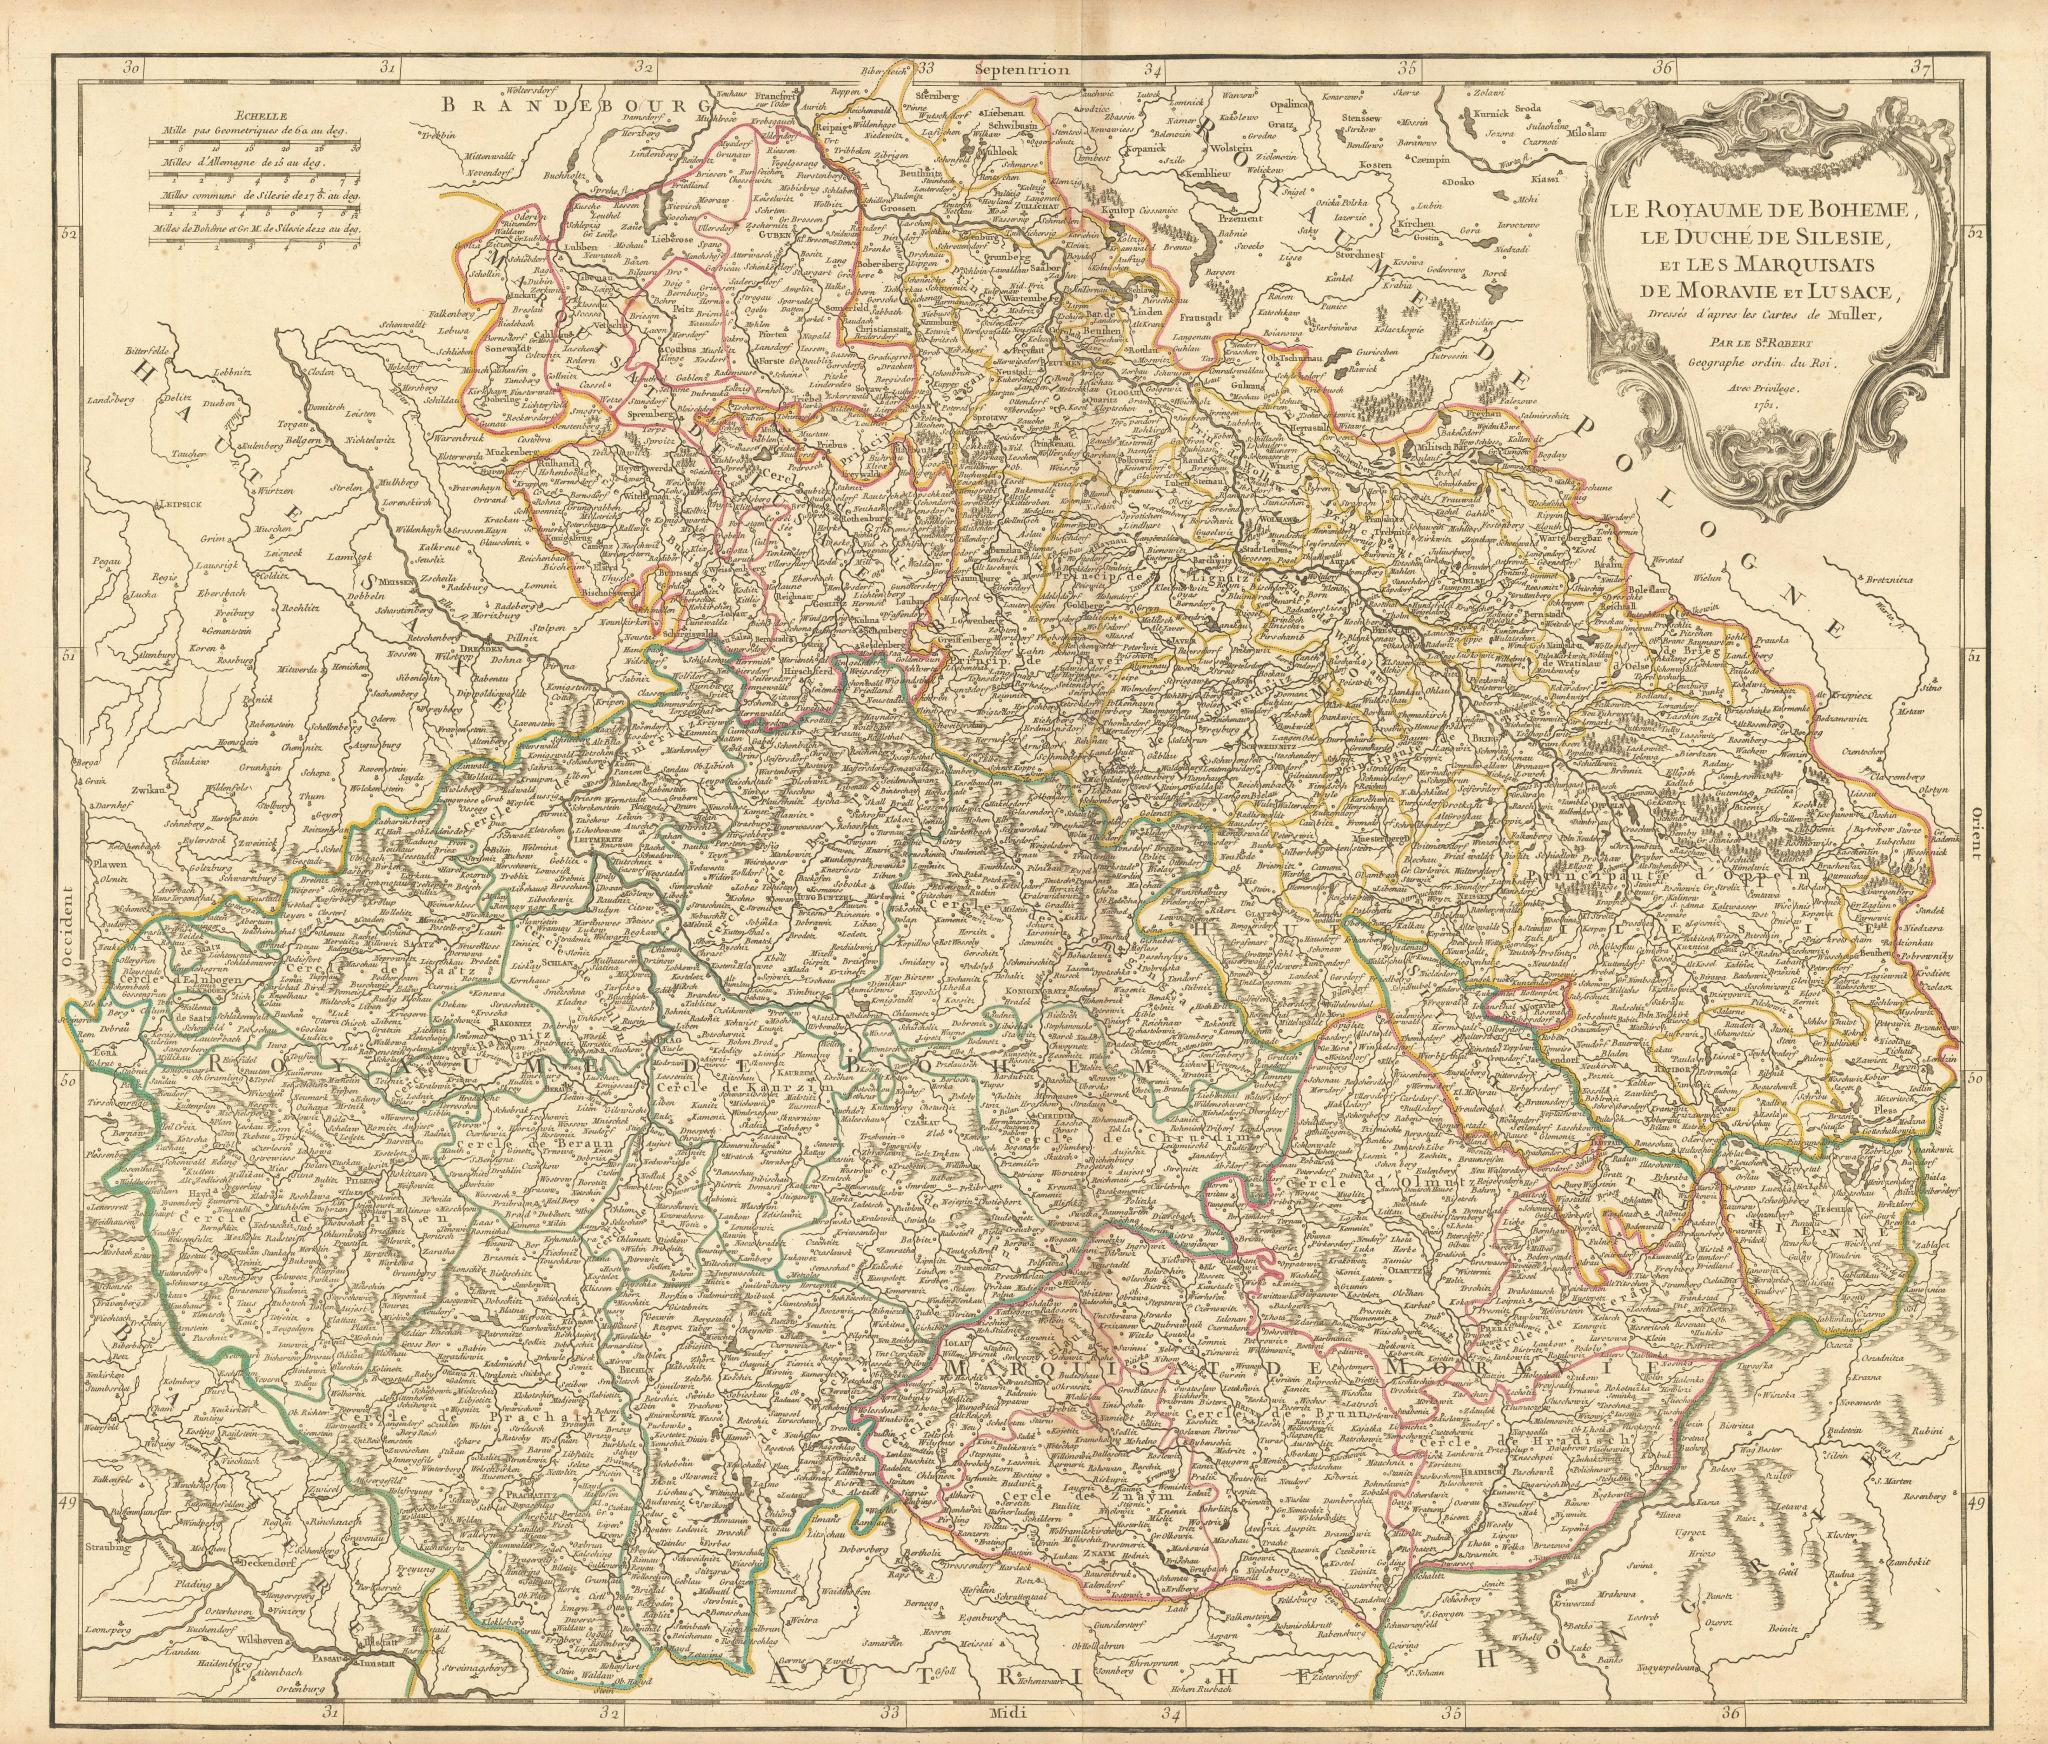 """""""Le Royaume de Boheme, le Duché de Silesie…"""" Silesia & Czechia VAUGONDY 1751 map"""